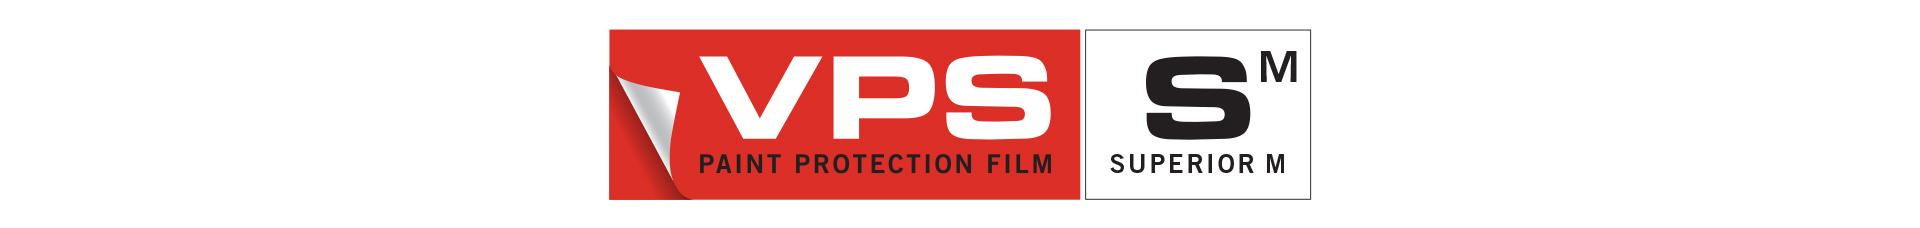 vps-superior-matt-logo.jpg